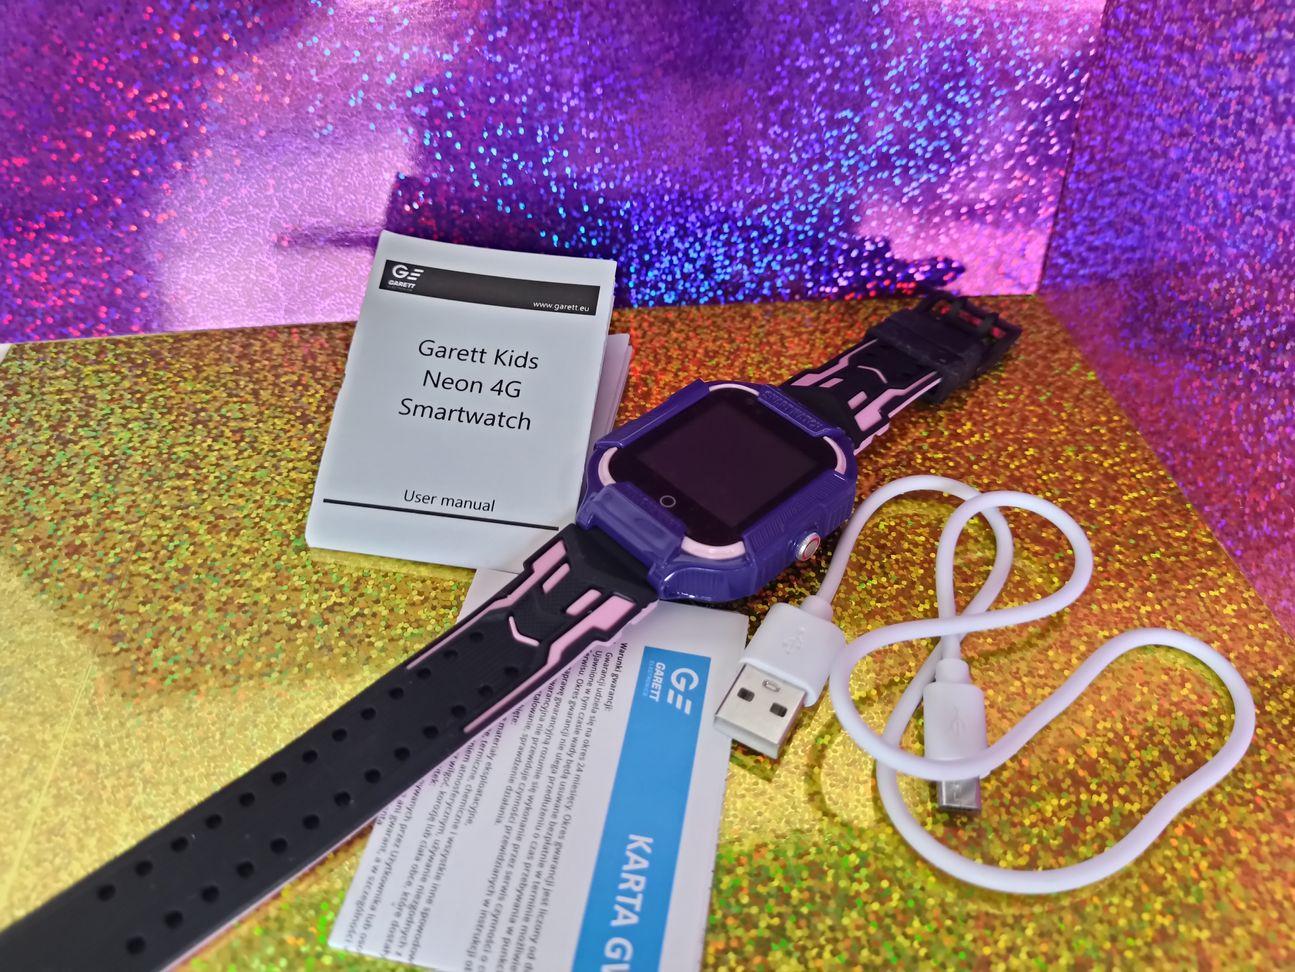 Garett Kids Neon 4G zawartość pudełka